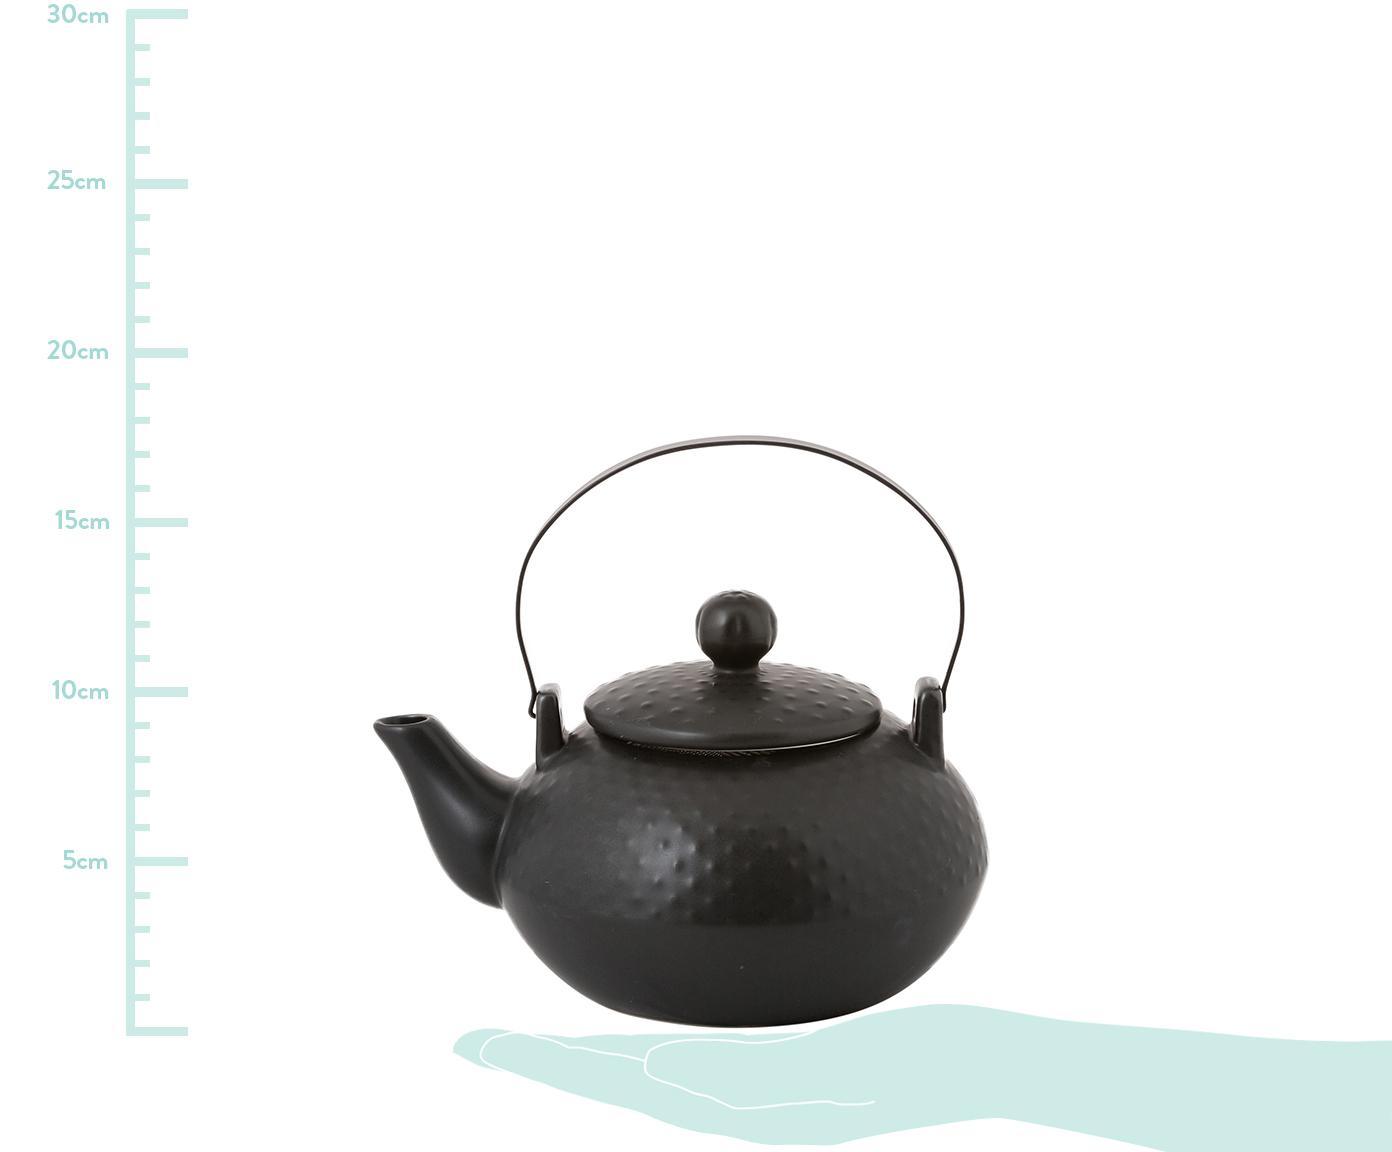 Serwis do herbaty Dots, 6 elem., Czarny, Komplet z różnymi rozmiarami